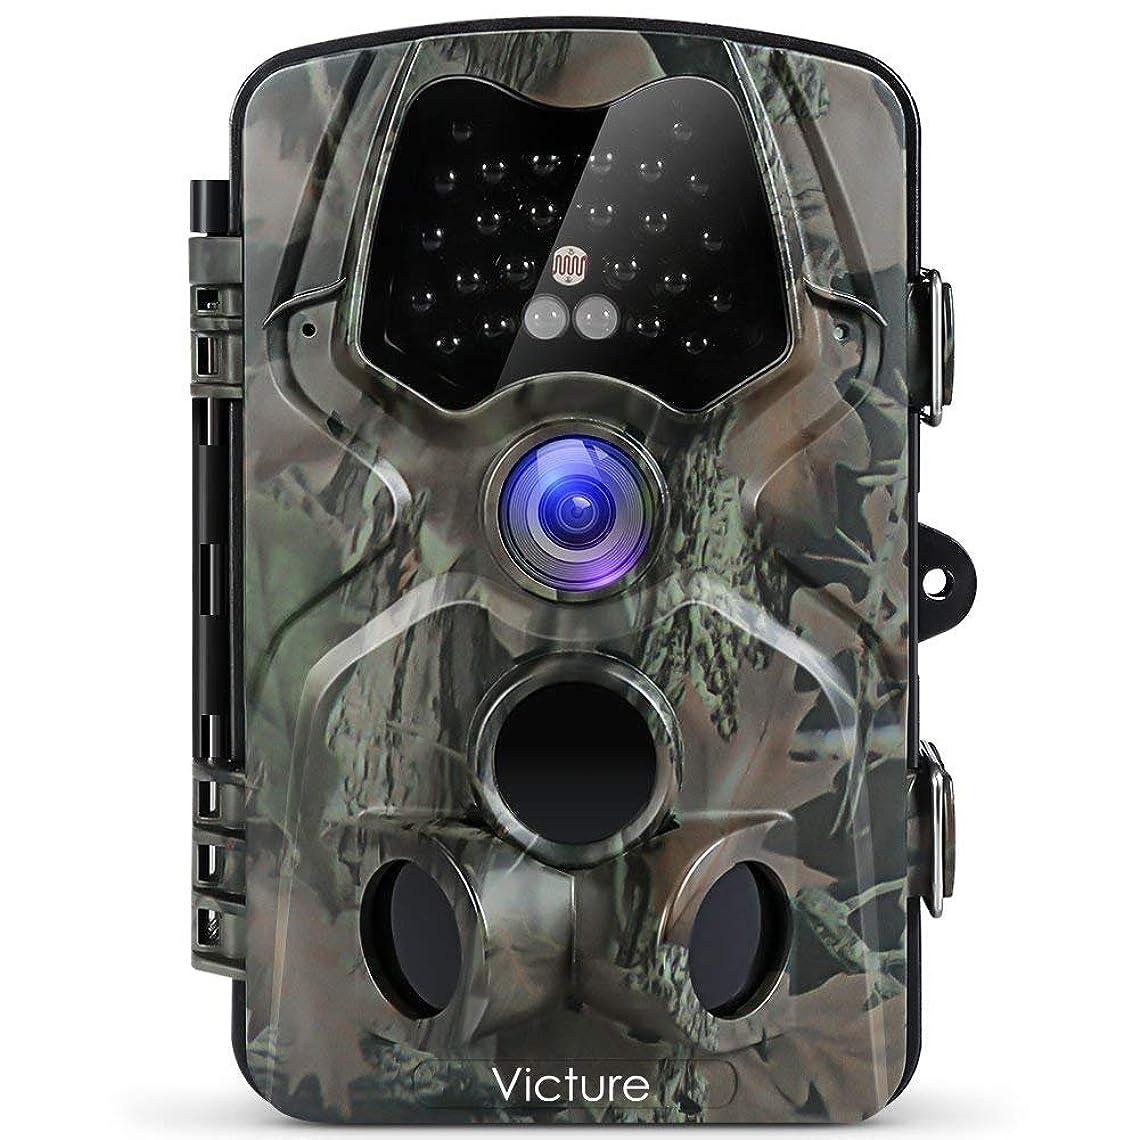 容赦ない後退する楽しいVicture トレイルカメラ 人感センサー 防犯カメラ 1200万画素 1080P フルHD 120°検知範囲 監視カメラ 2.4 インチLCD IP66防水防塵 不可視赤外線LEDライト搭載 動き検知 日本語説明書付き